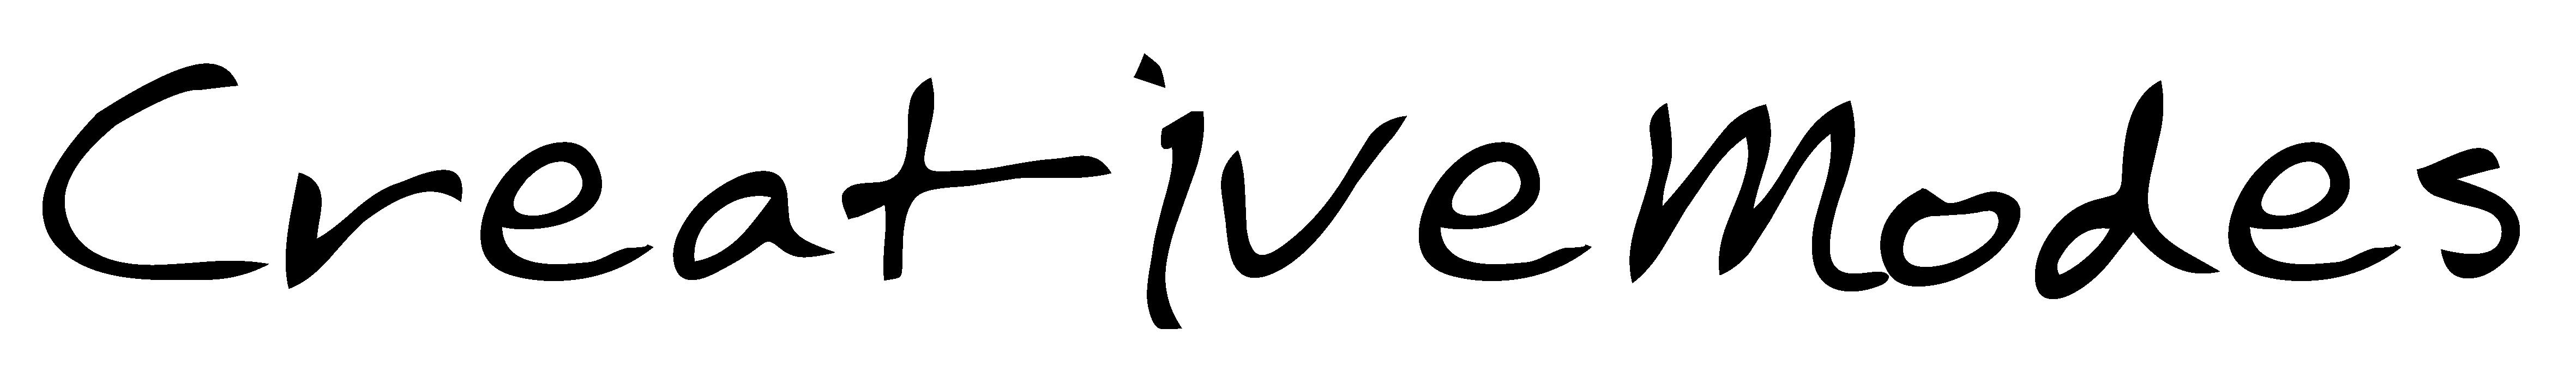 creativemodes Signature